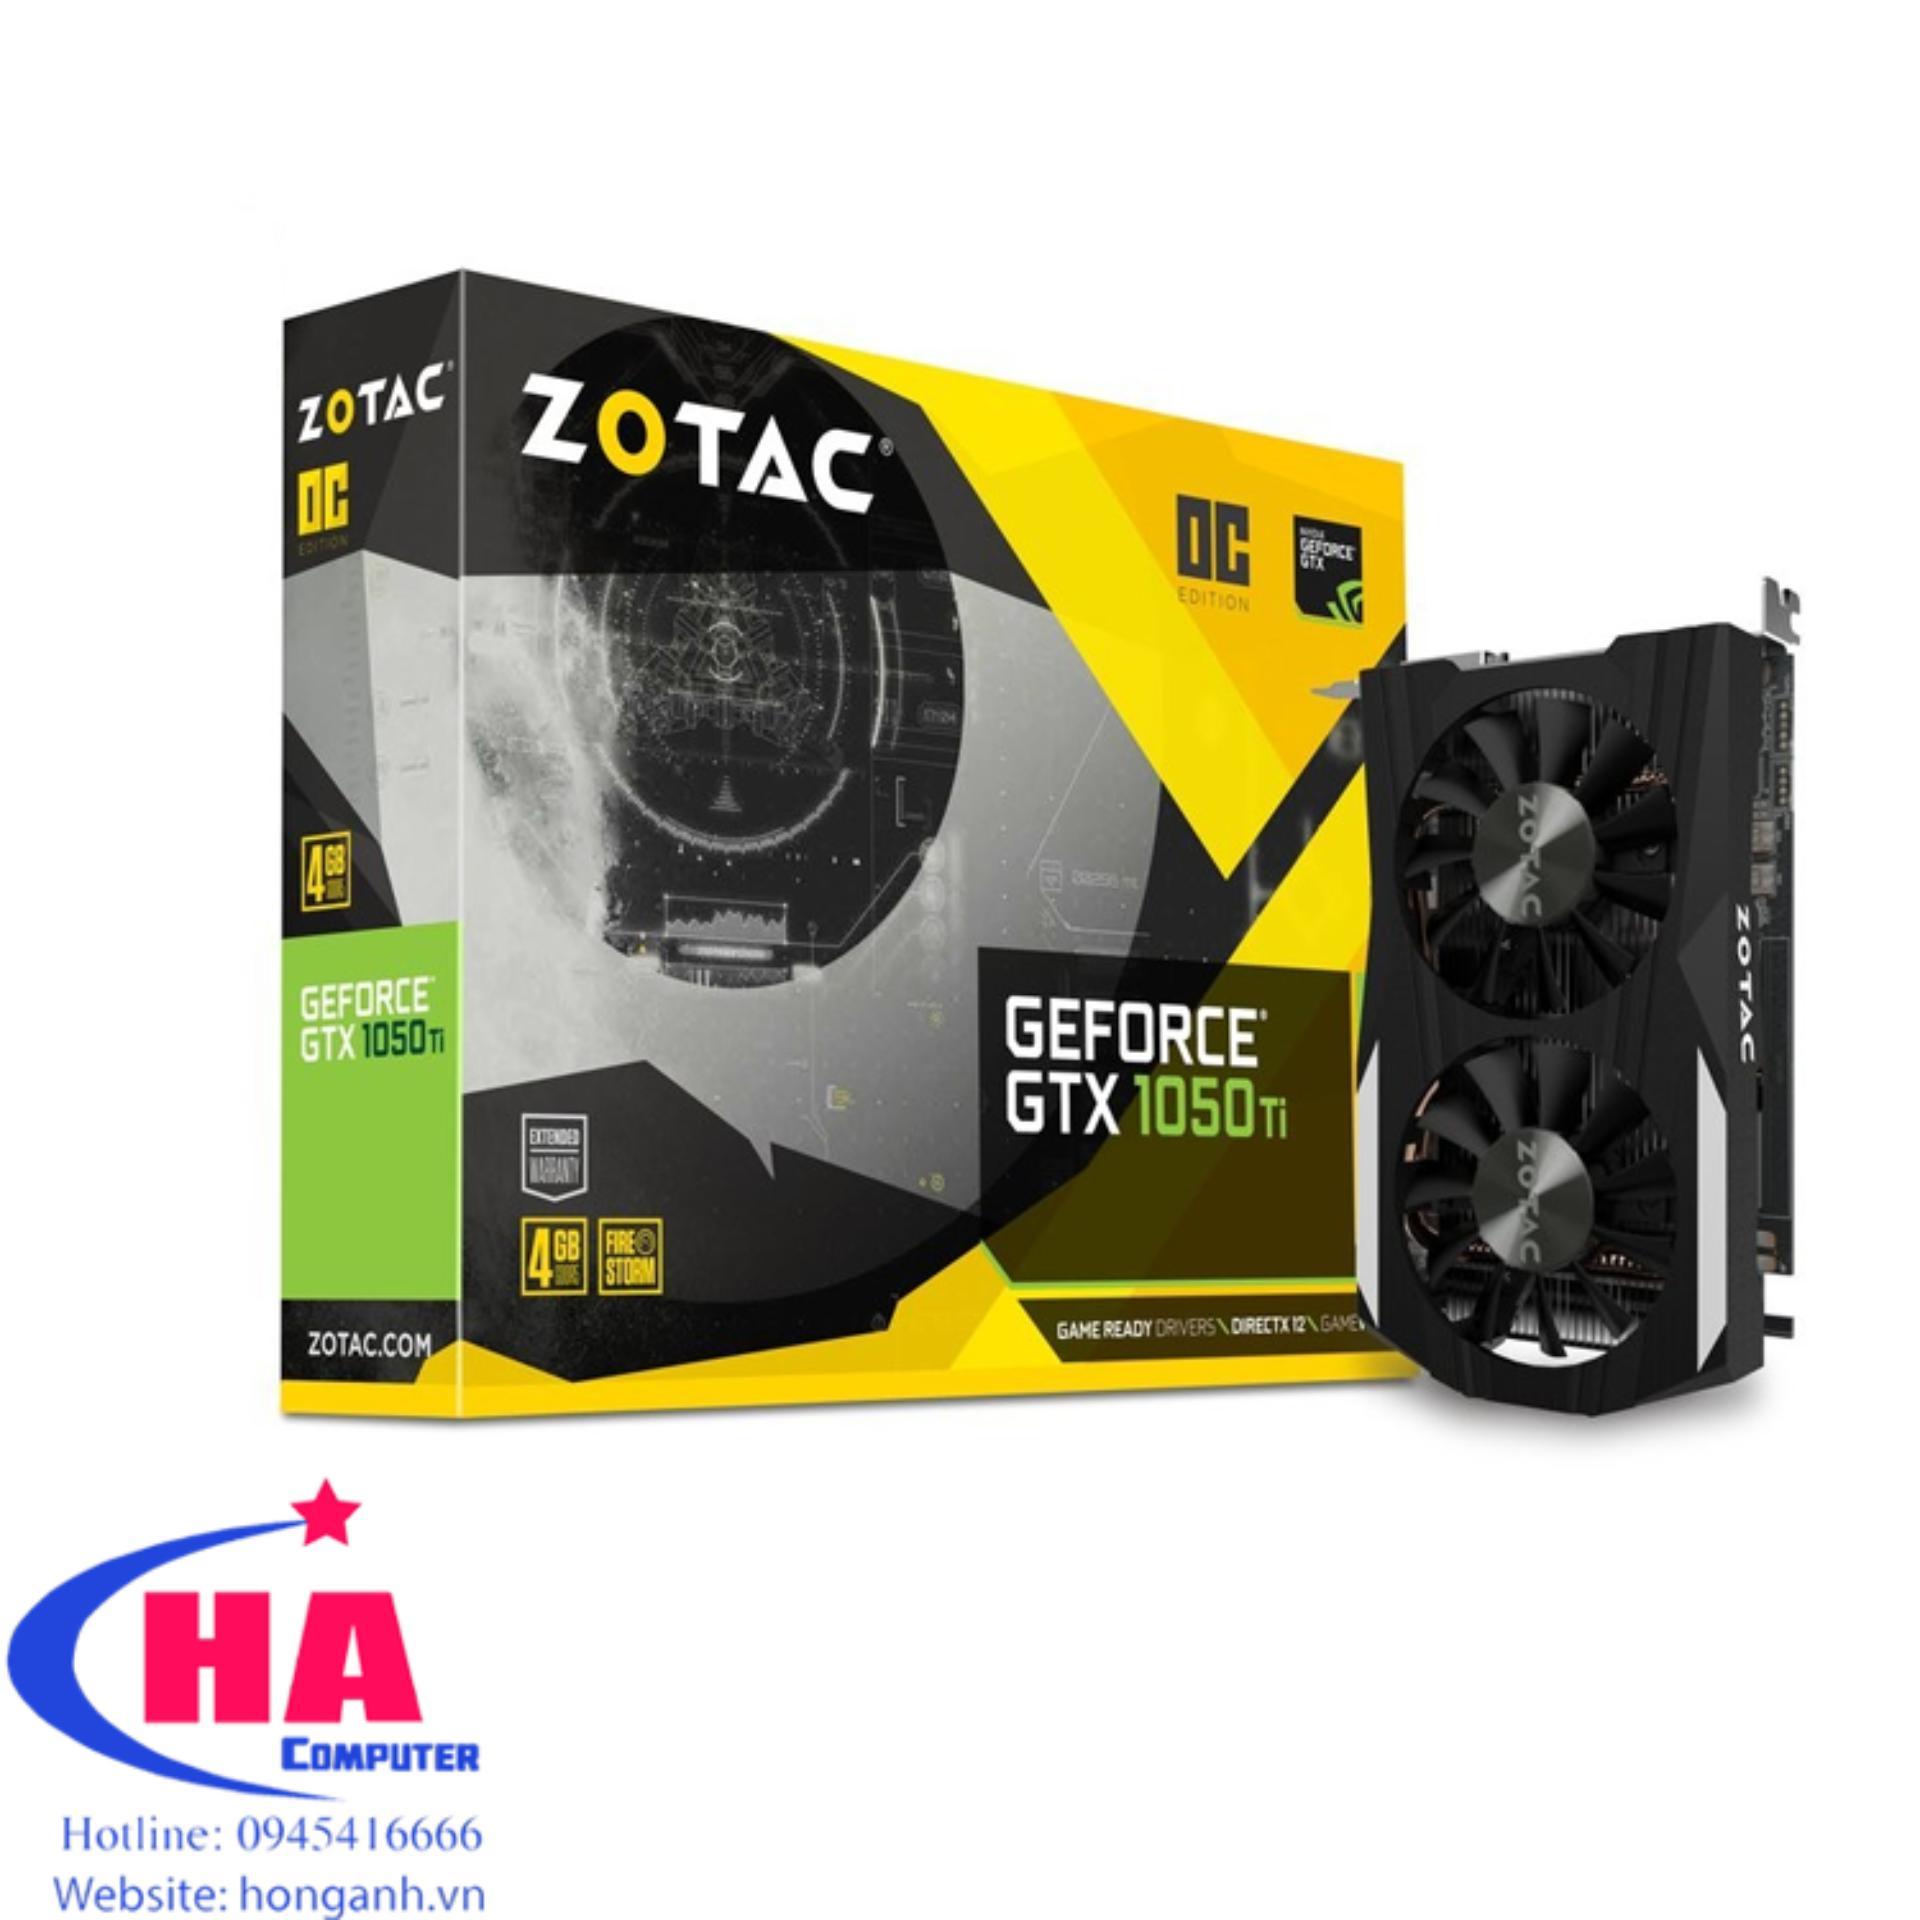 Hình ảnh VGA Zotac GTX 1050 Ti 4G 2nd